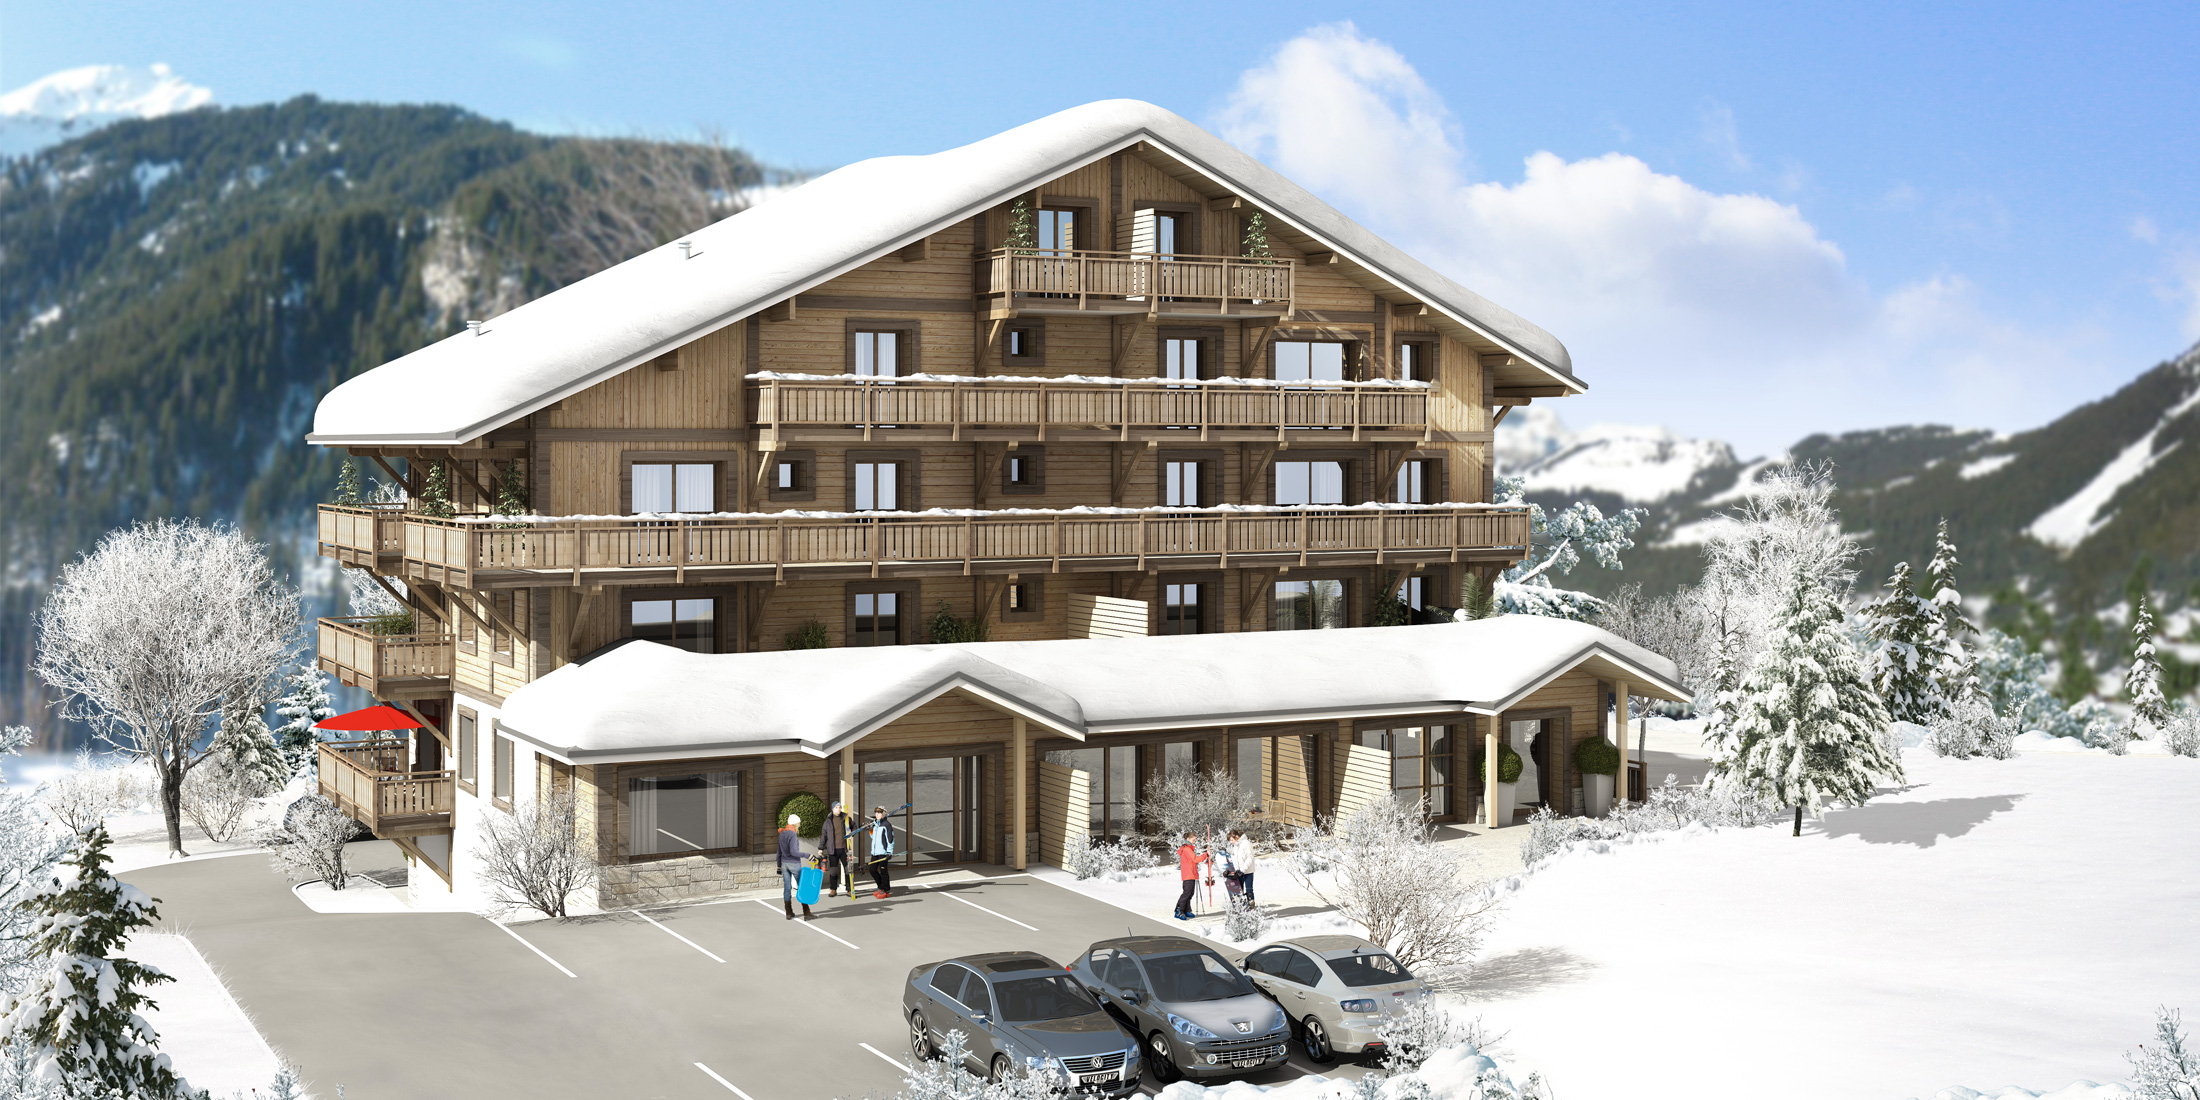 Plan pour construction chalet bois, maison traditionnelle - Savoie Plan